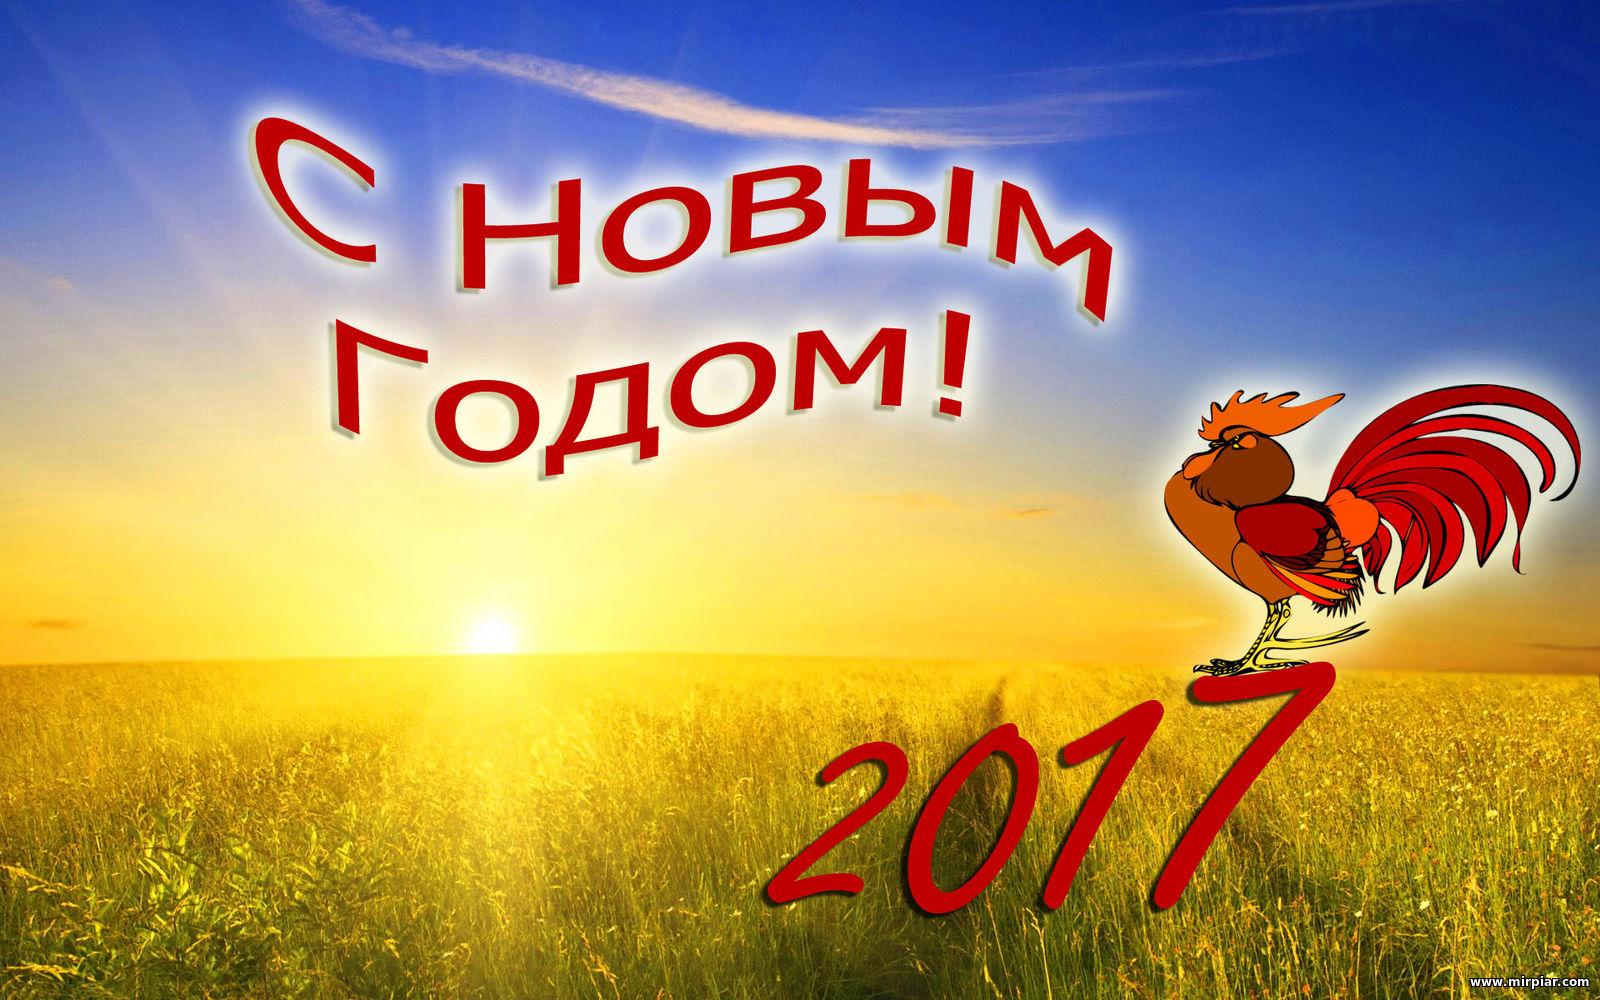 год Петуха, Новый год 2017, 2017